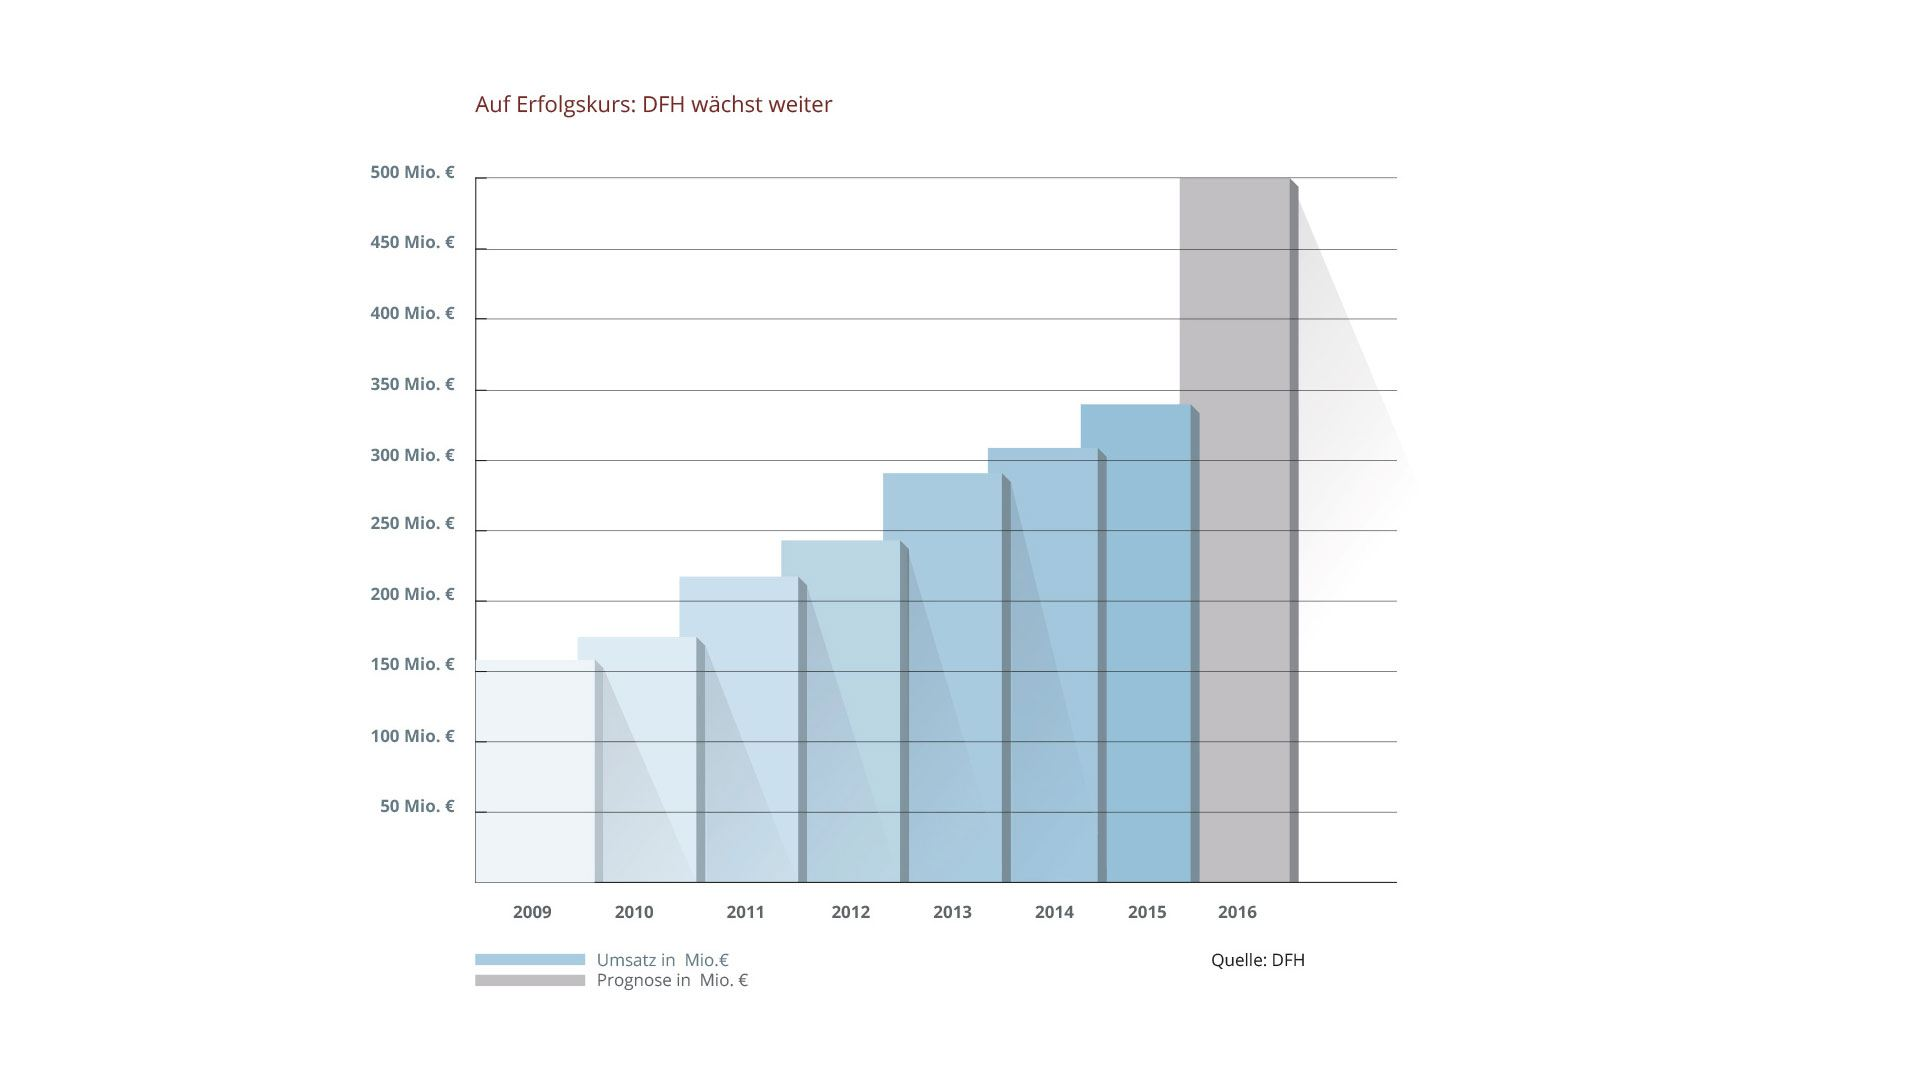 Umsatzrekord für DFH Grafik